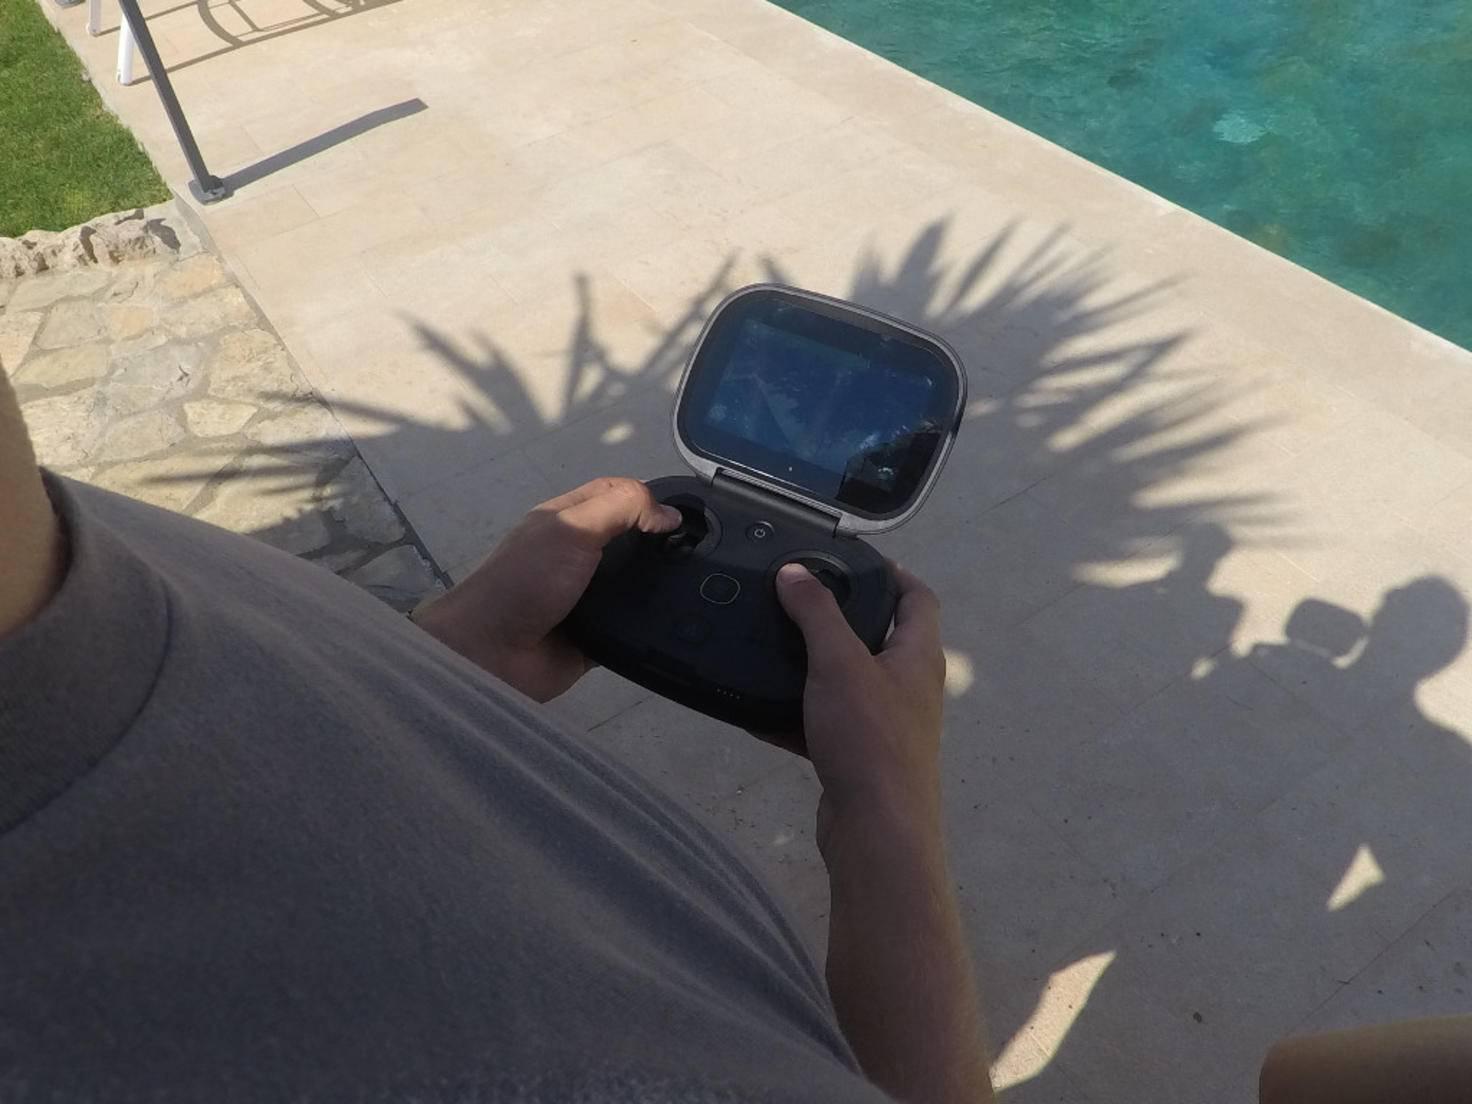 Über Schultertasten kann der Kamerawinkel gesteuert werden.